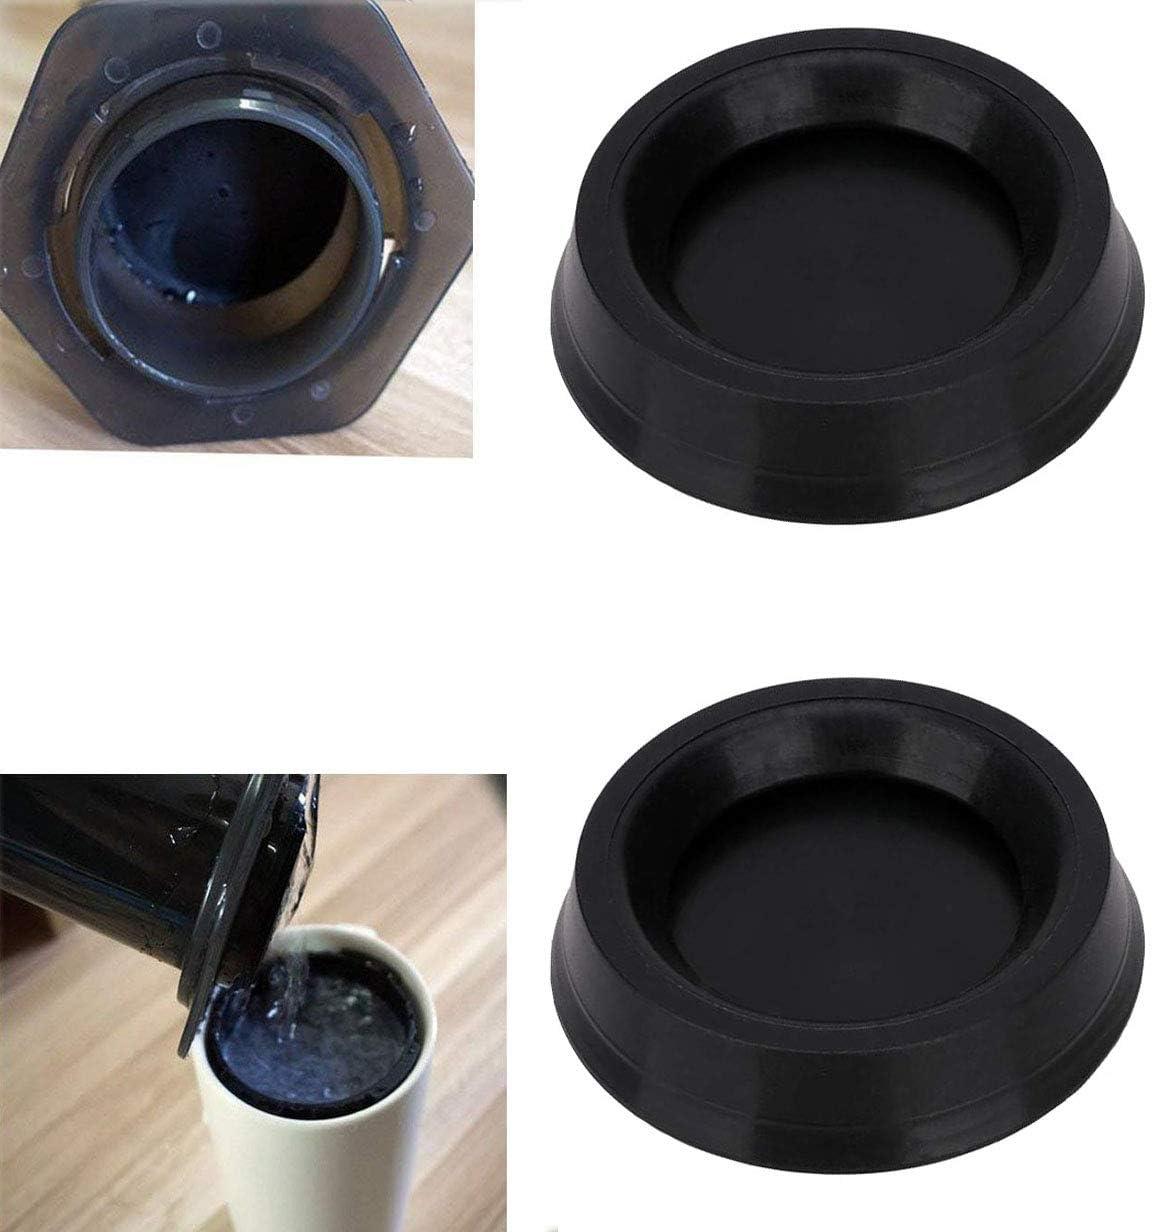 Podoy - Junta de goma para cafetera Aeropress (recambio compatible ...